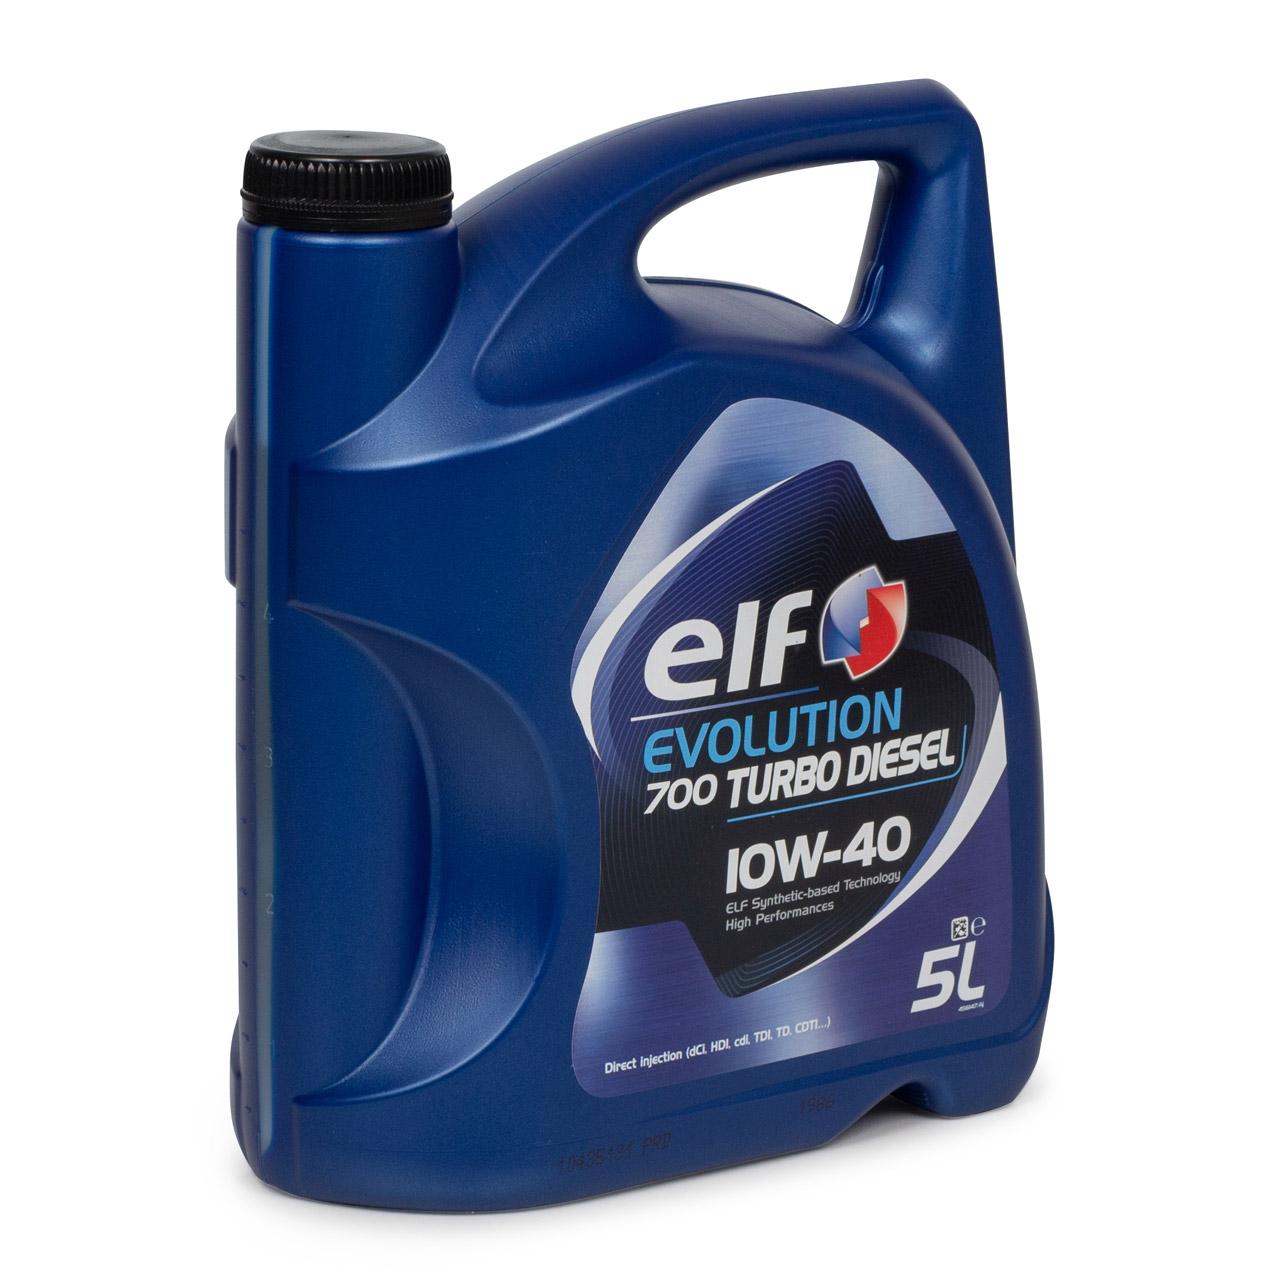 elf Evolution 700 TURBO DIESEL 10W-40 10W40 Motoröl für Renault Diesel - 5 Liter